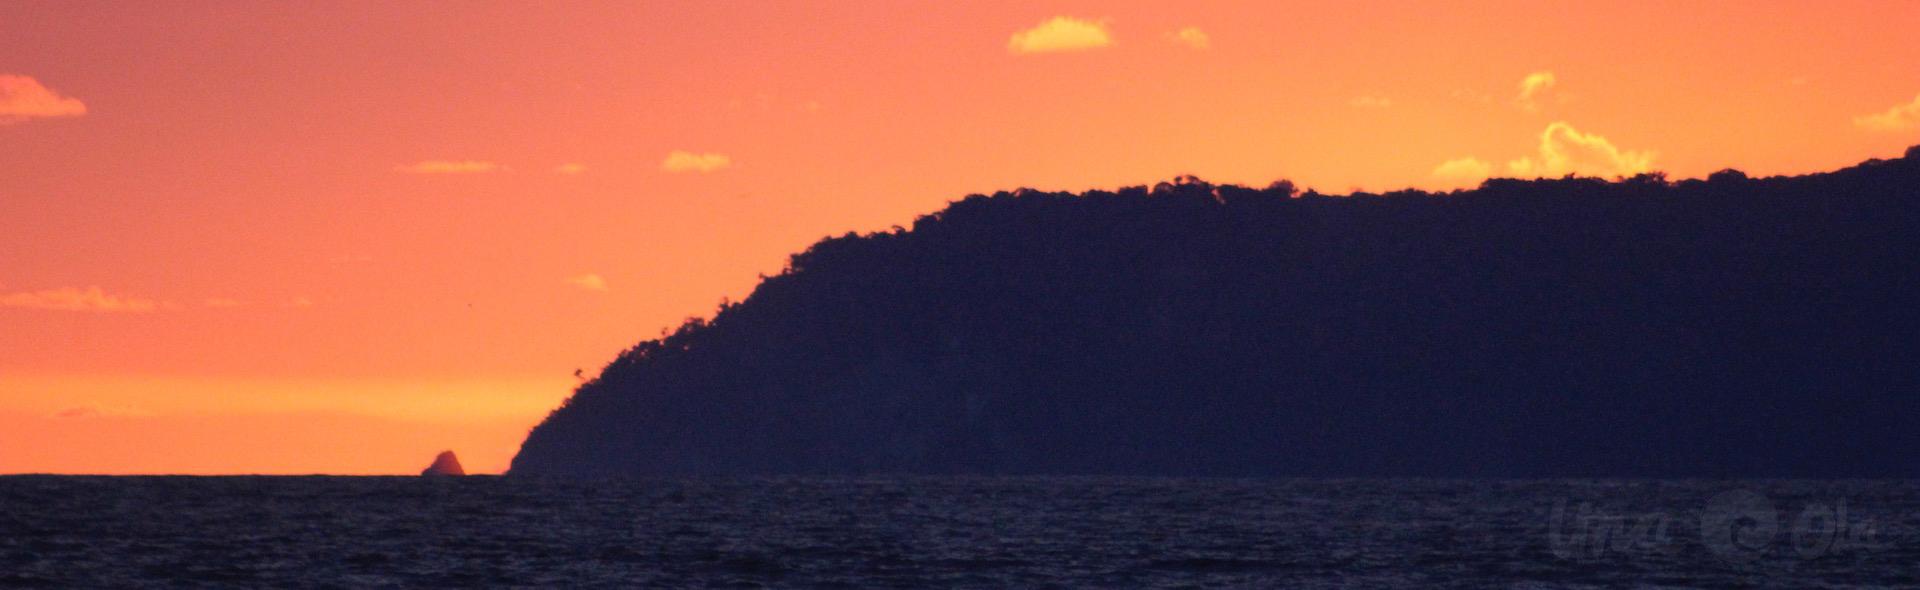 Una_Ola_Surf_Camp_Costa_Rica_8